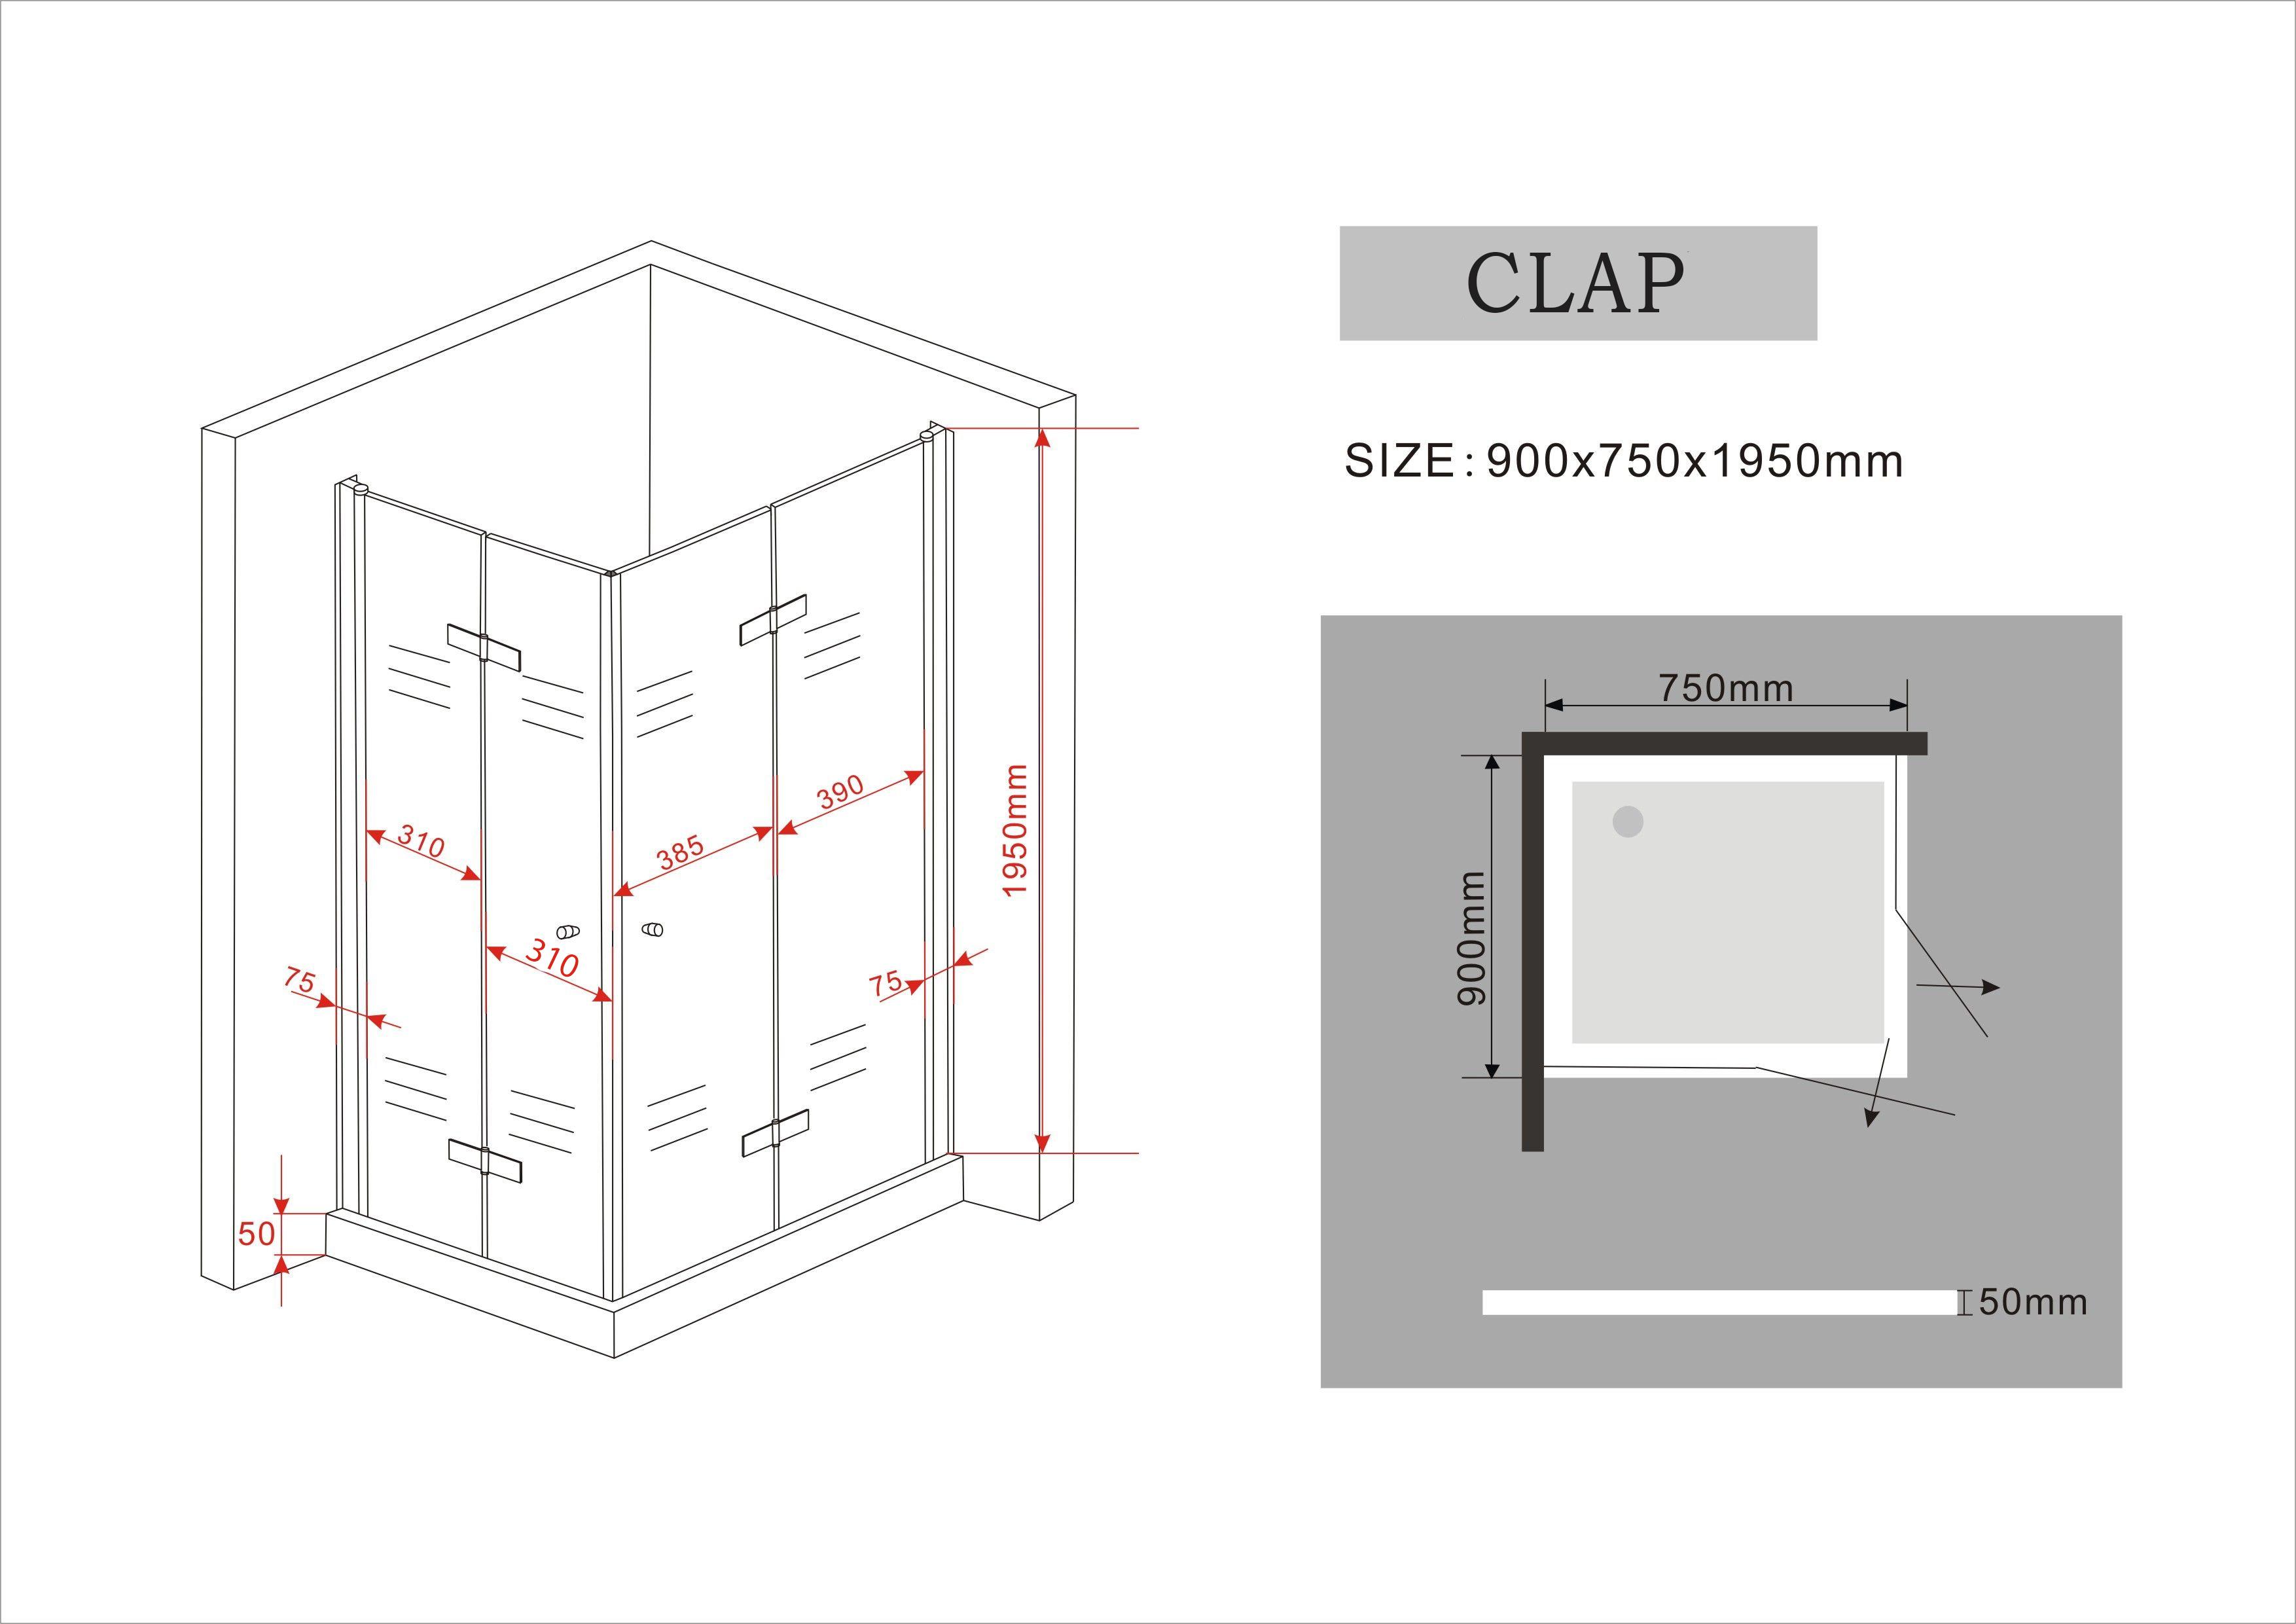 Duschkabine CLAP 90 x 75 x 195 cm ohne Duschtasse